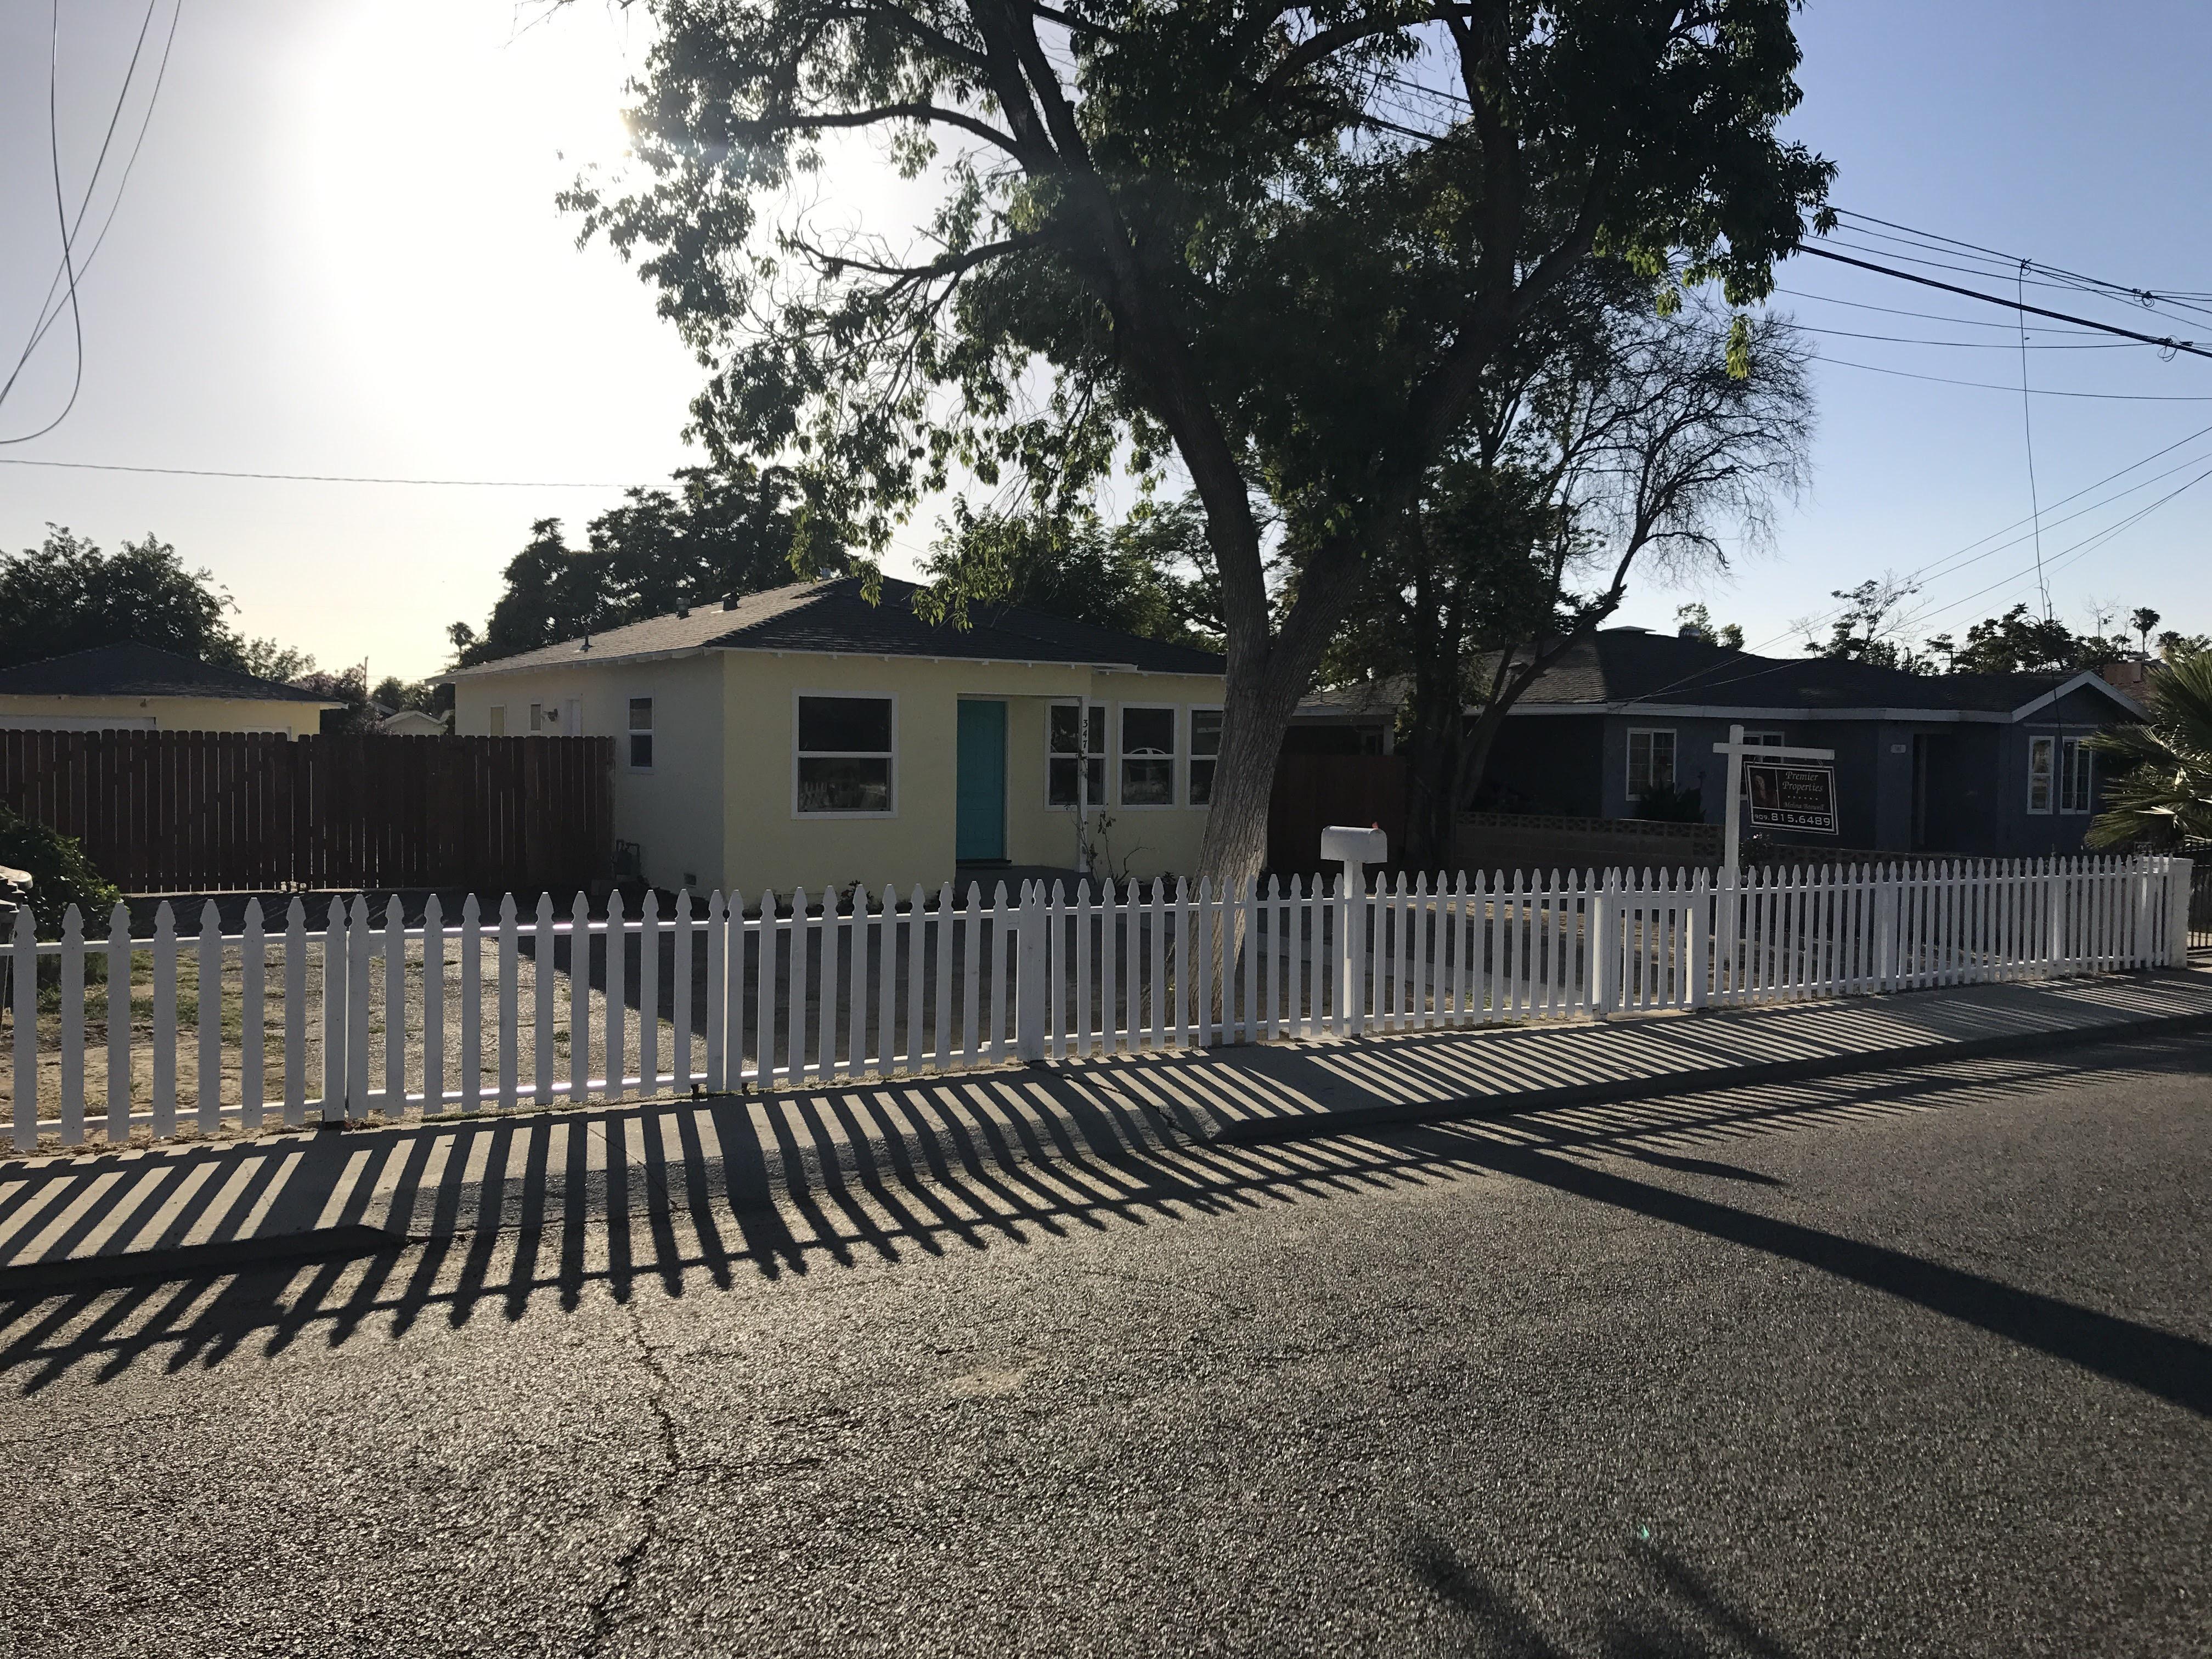 Thompson St, Hemet CA